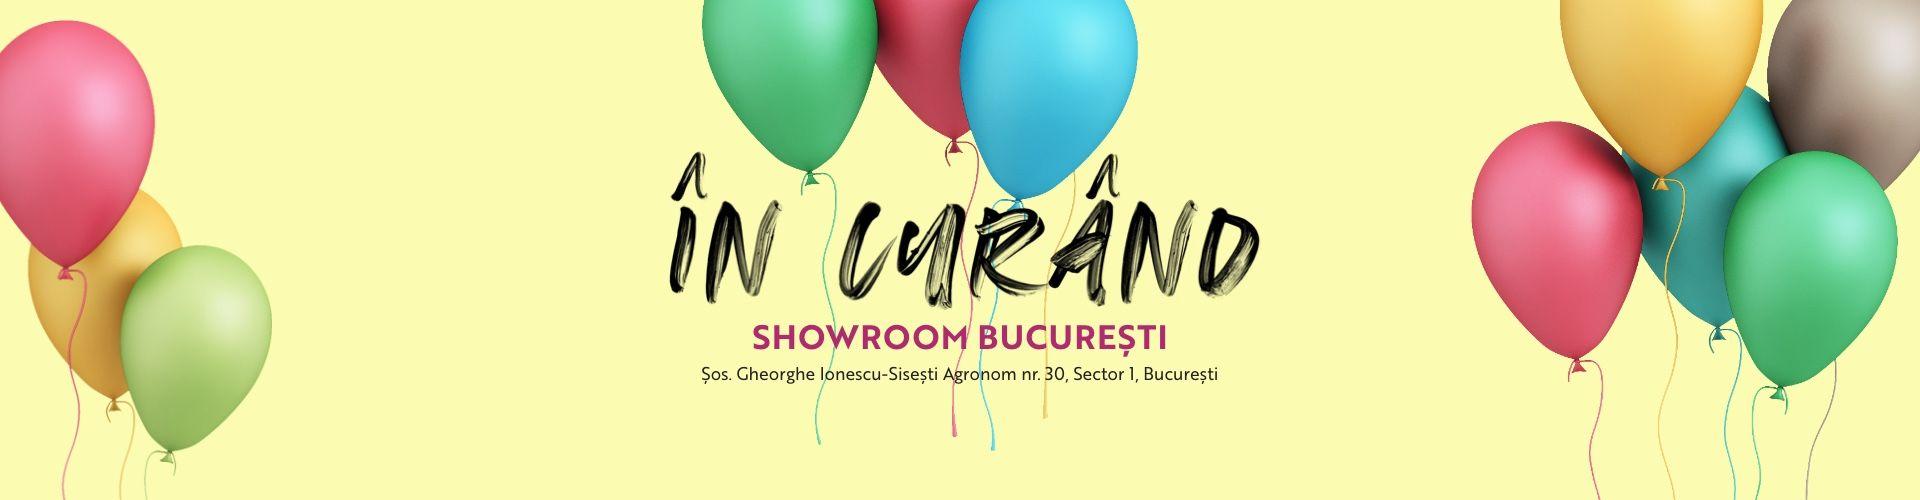 Showroom Bucuresti